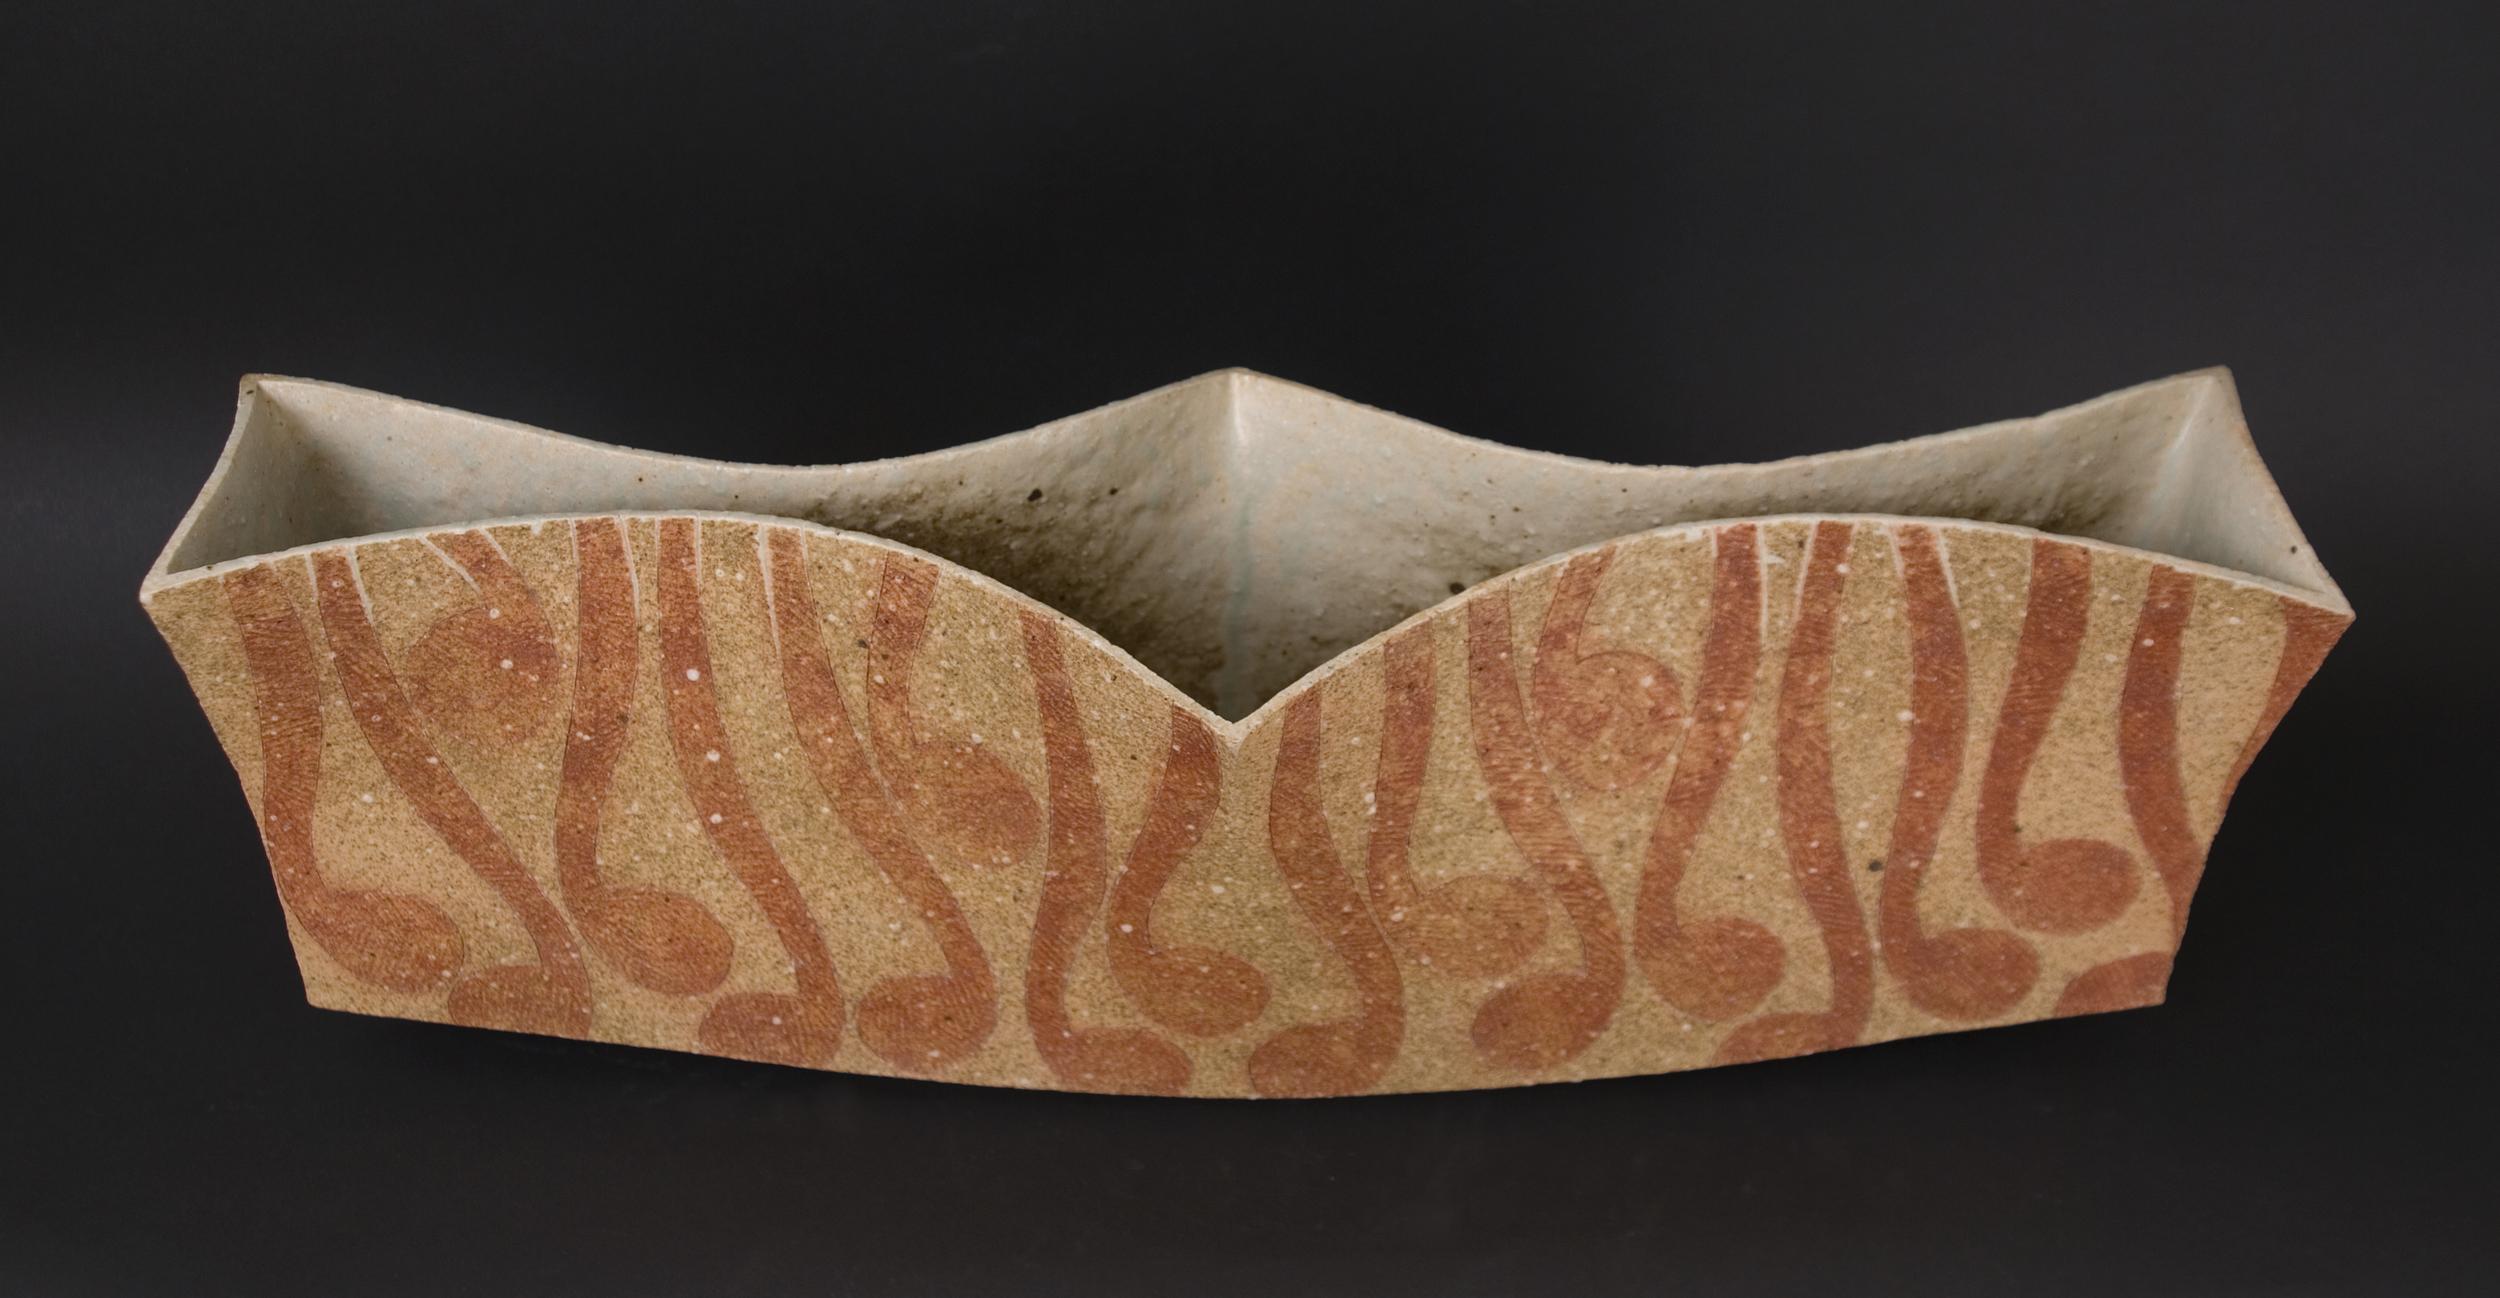 Katsumi Kako    Large Vessel  , 2009 Red Ash Glaze Ceramic 19 x 7 x 5.5 inches / 48.3 x 17.8 x 14 cm / KKa 10